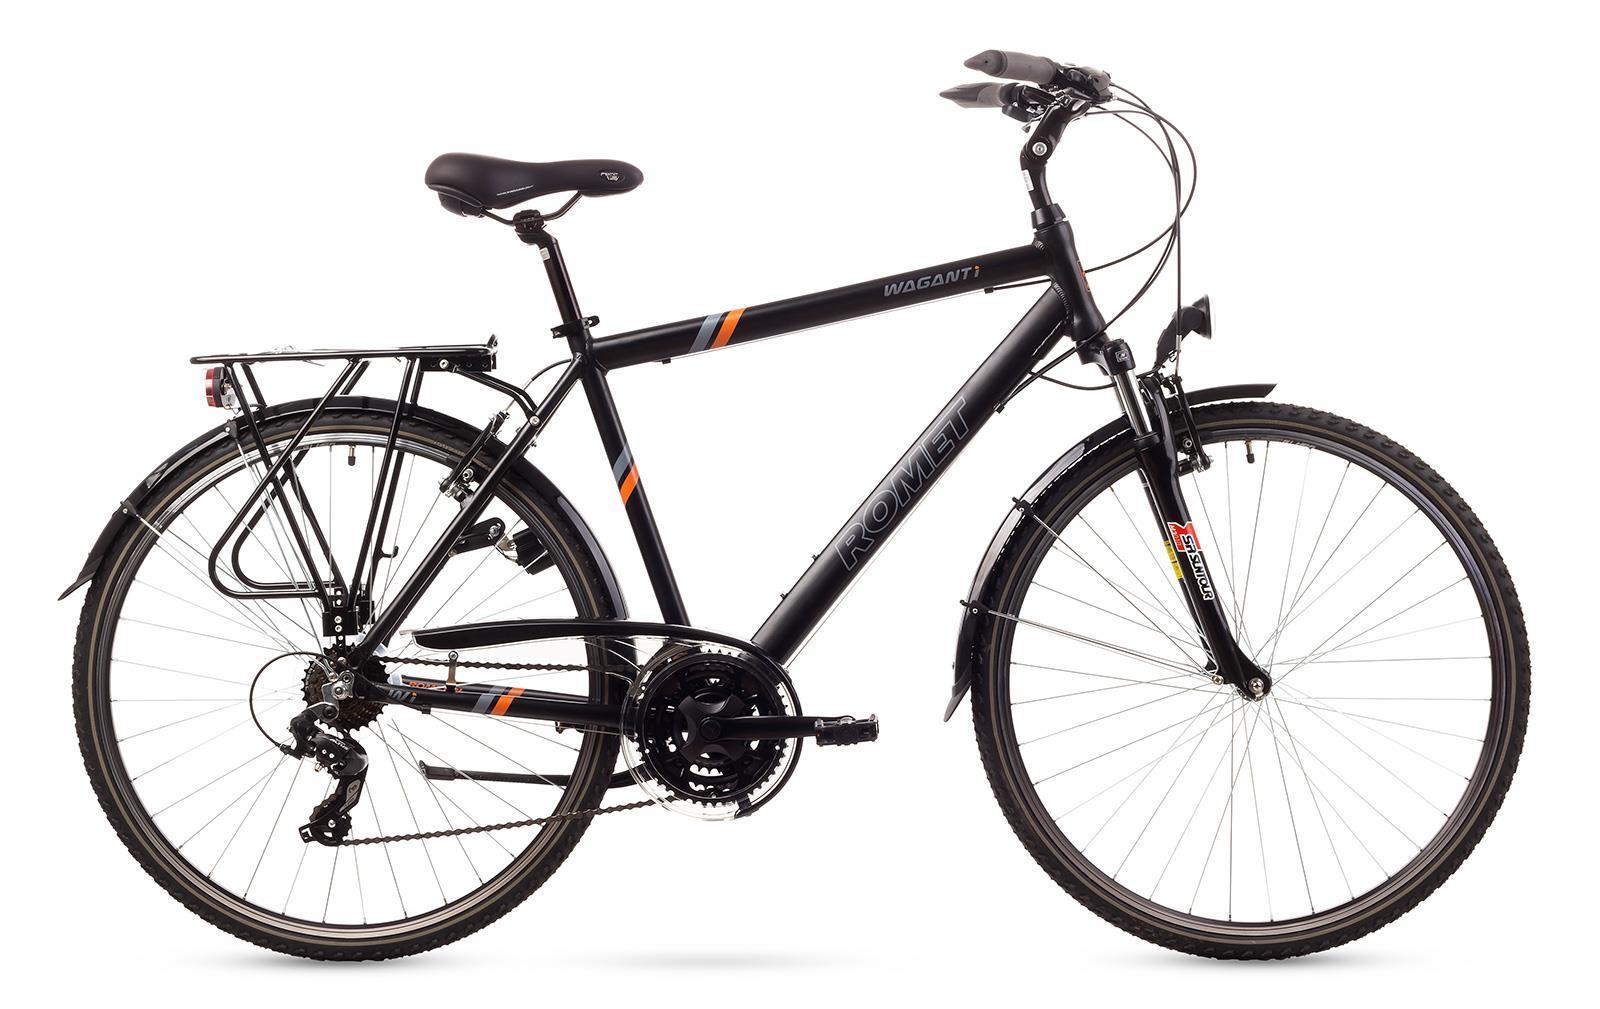 Rower ROMET  WAGANT 1  czarny z pomarańczowym 19 M